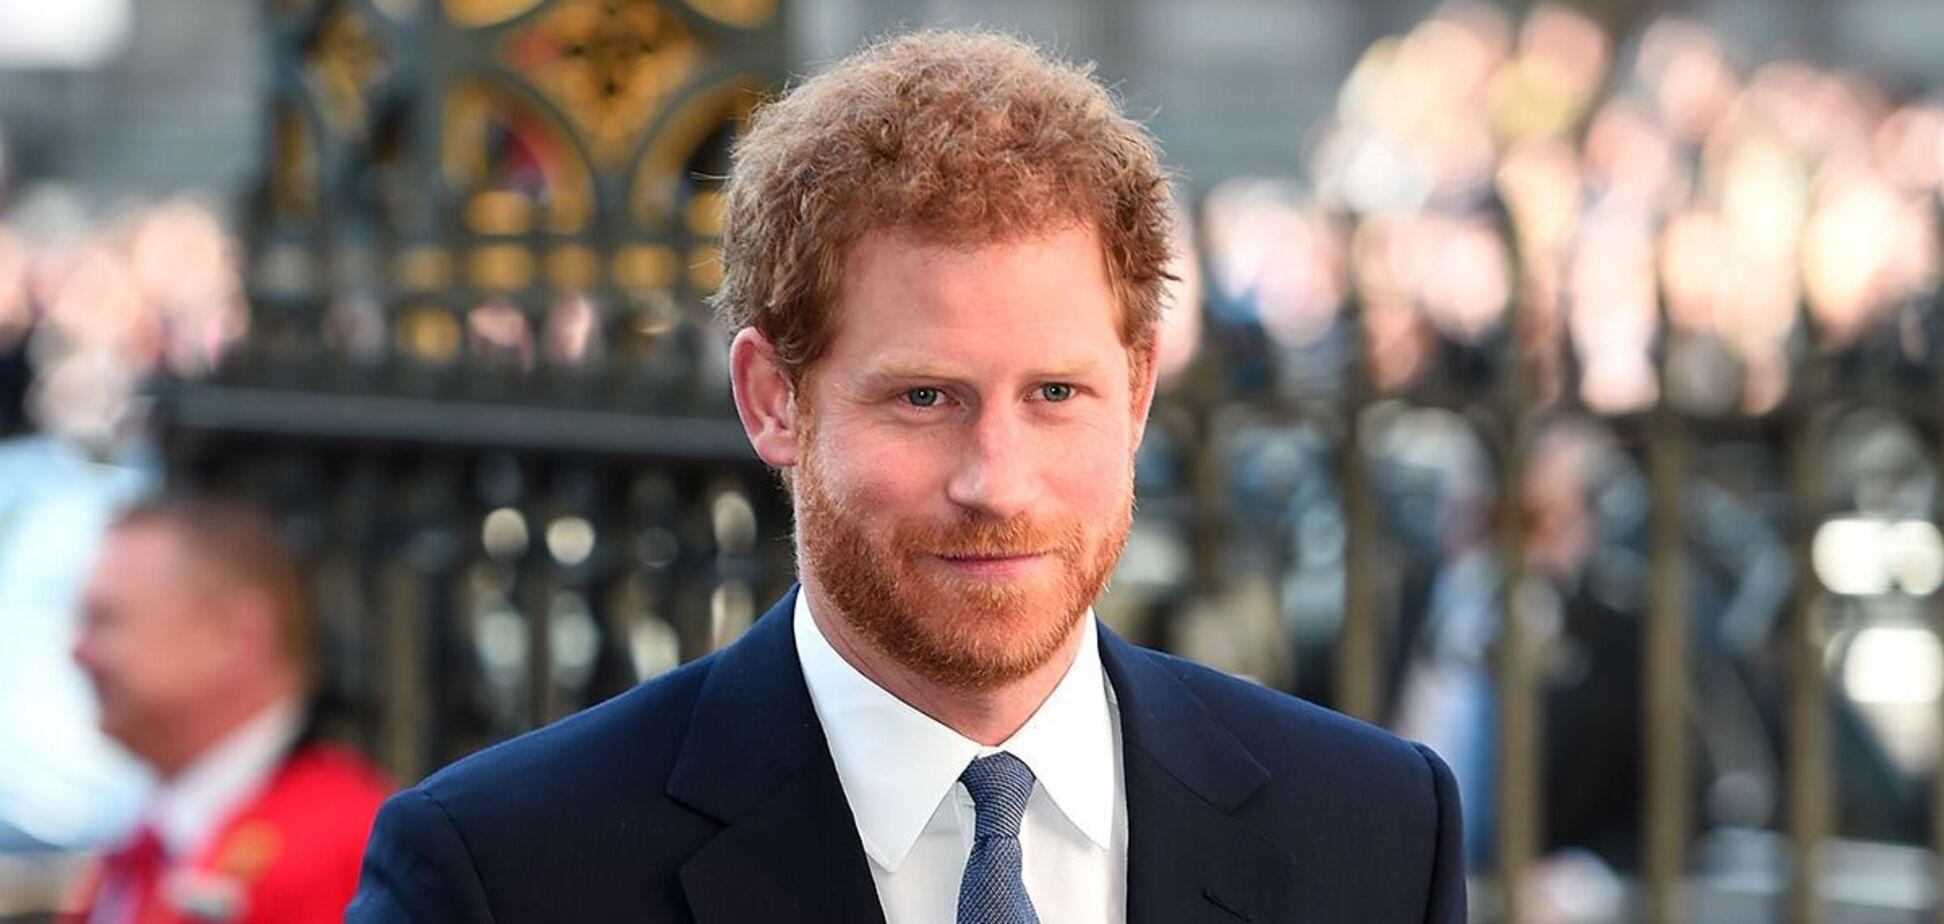 Принц Гарри впервые появился на публике после скандального интервью. Фото